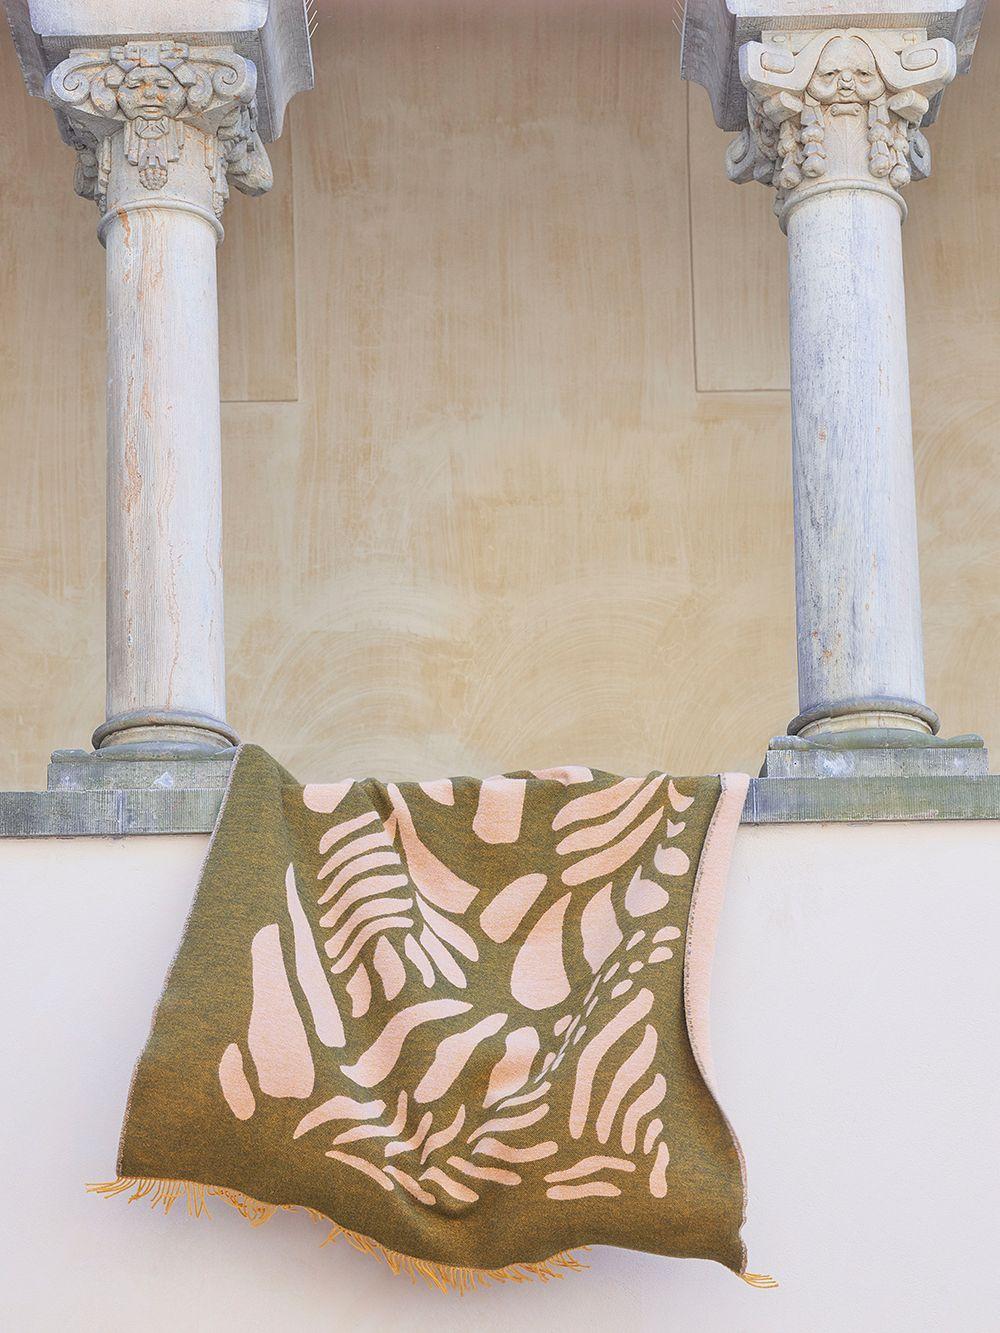 Finarte  Väre throw, 130 x 170 cm, green - pink